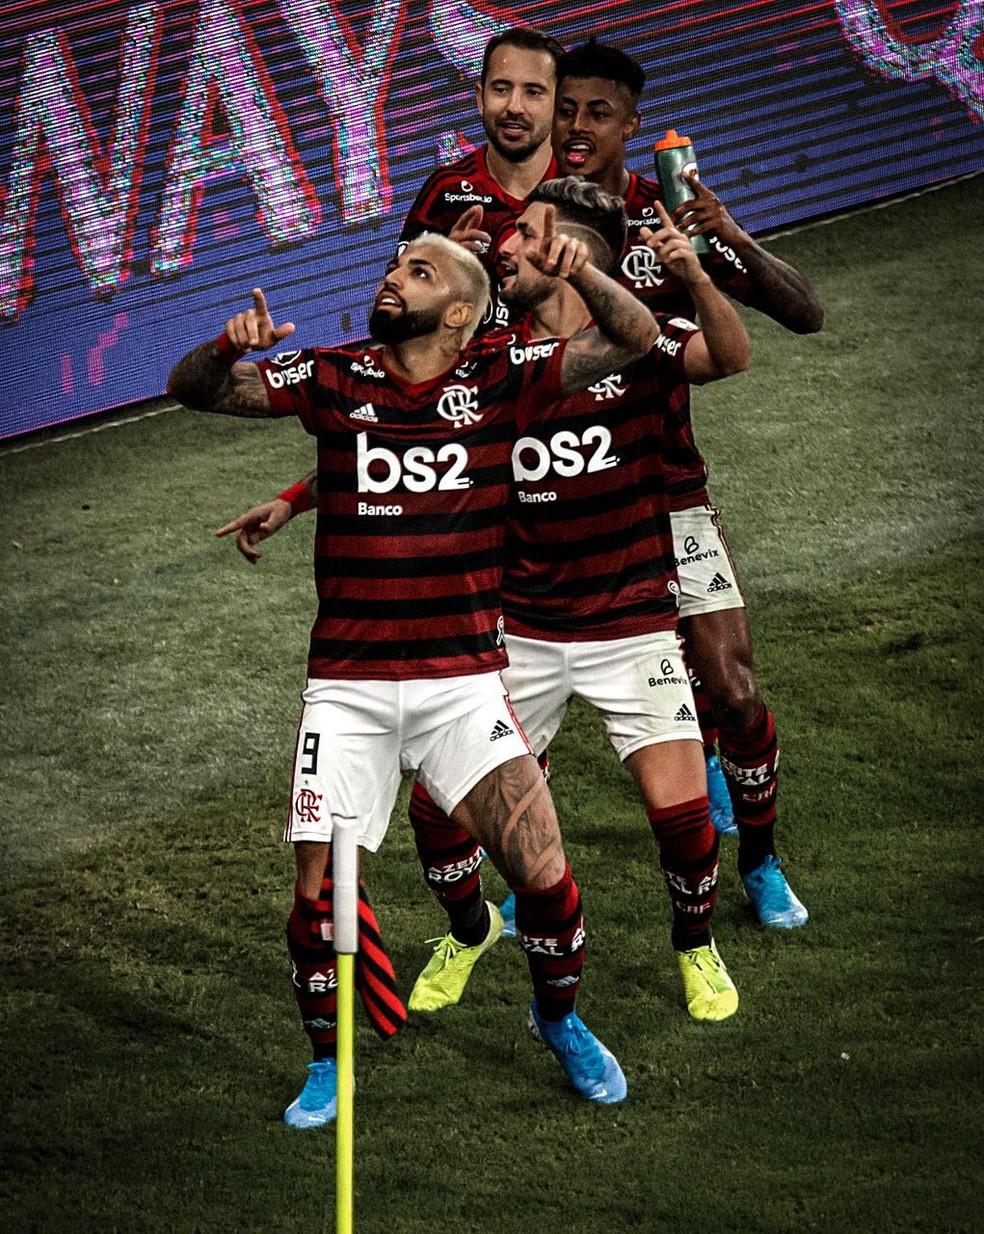 Trem da alegria: Gabigol, Arrascaeta, Bruno Henrique e Éverton Ribeiro comemoram — Foto: Pedro Martins / MowaPress